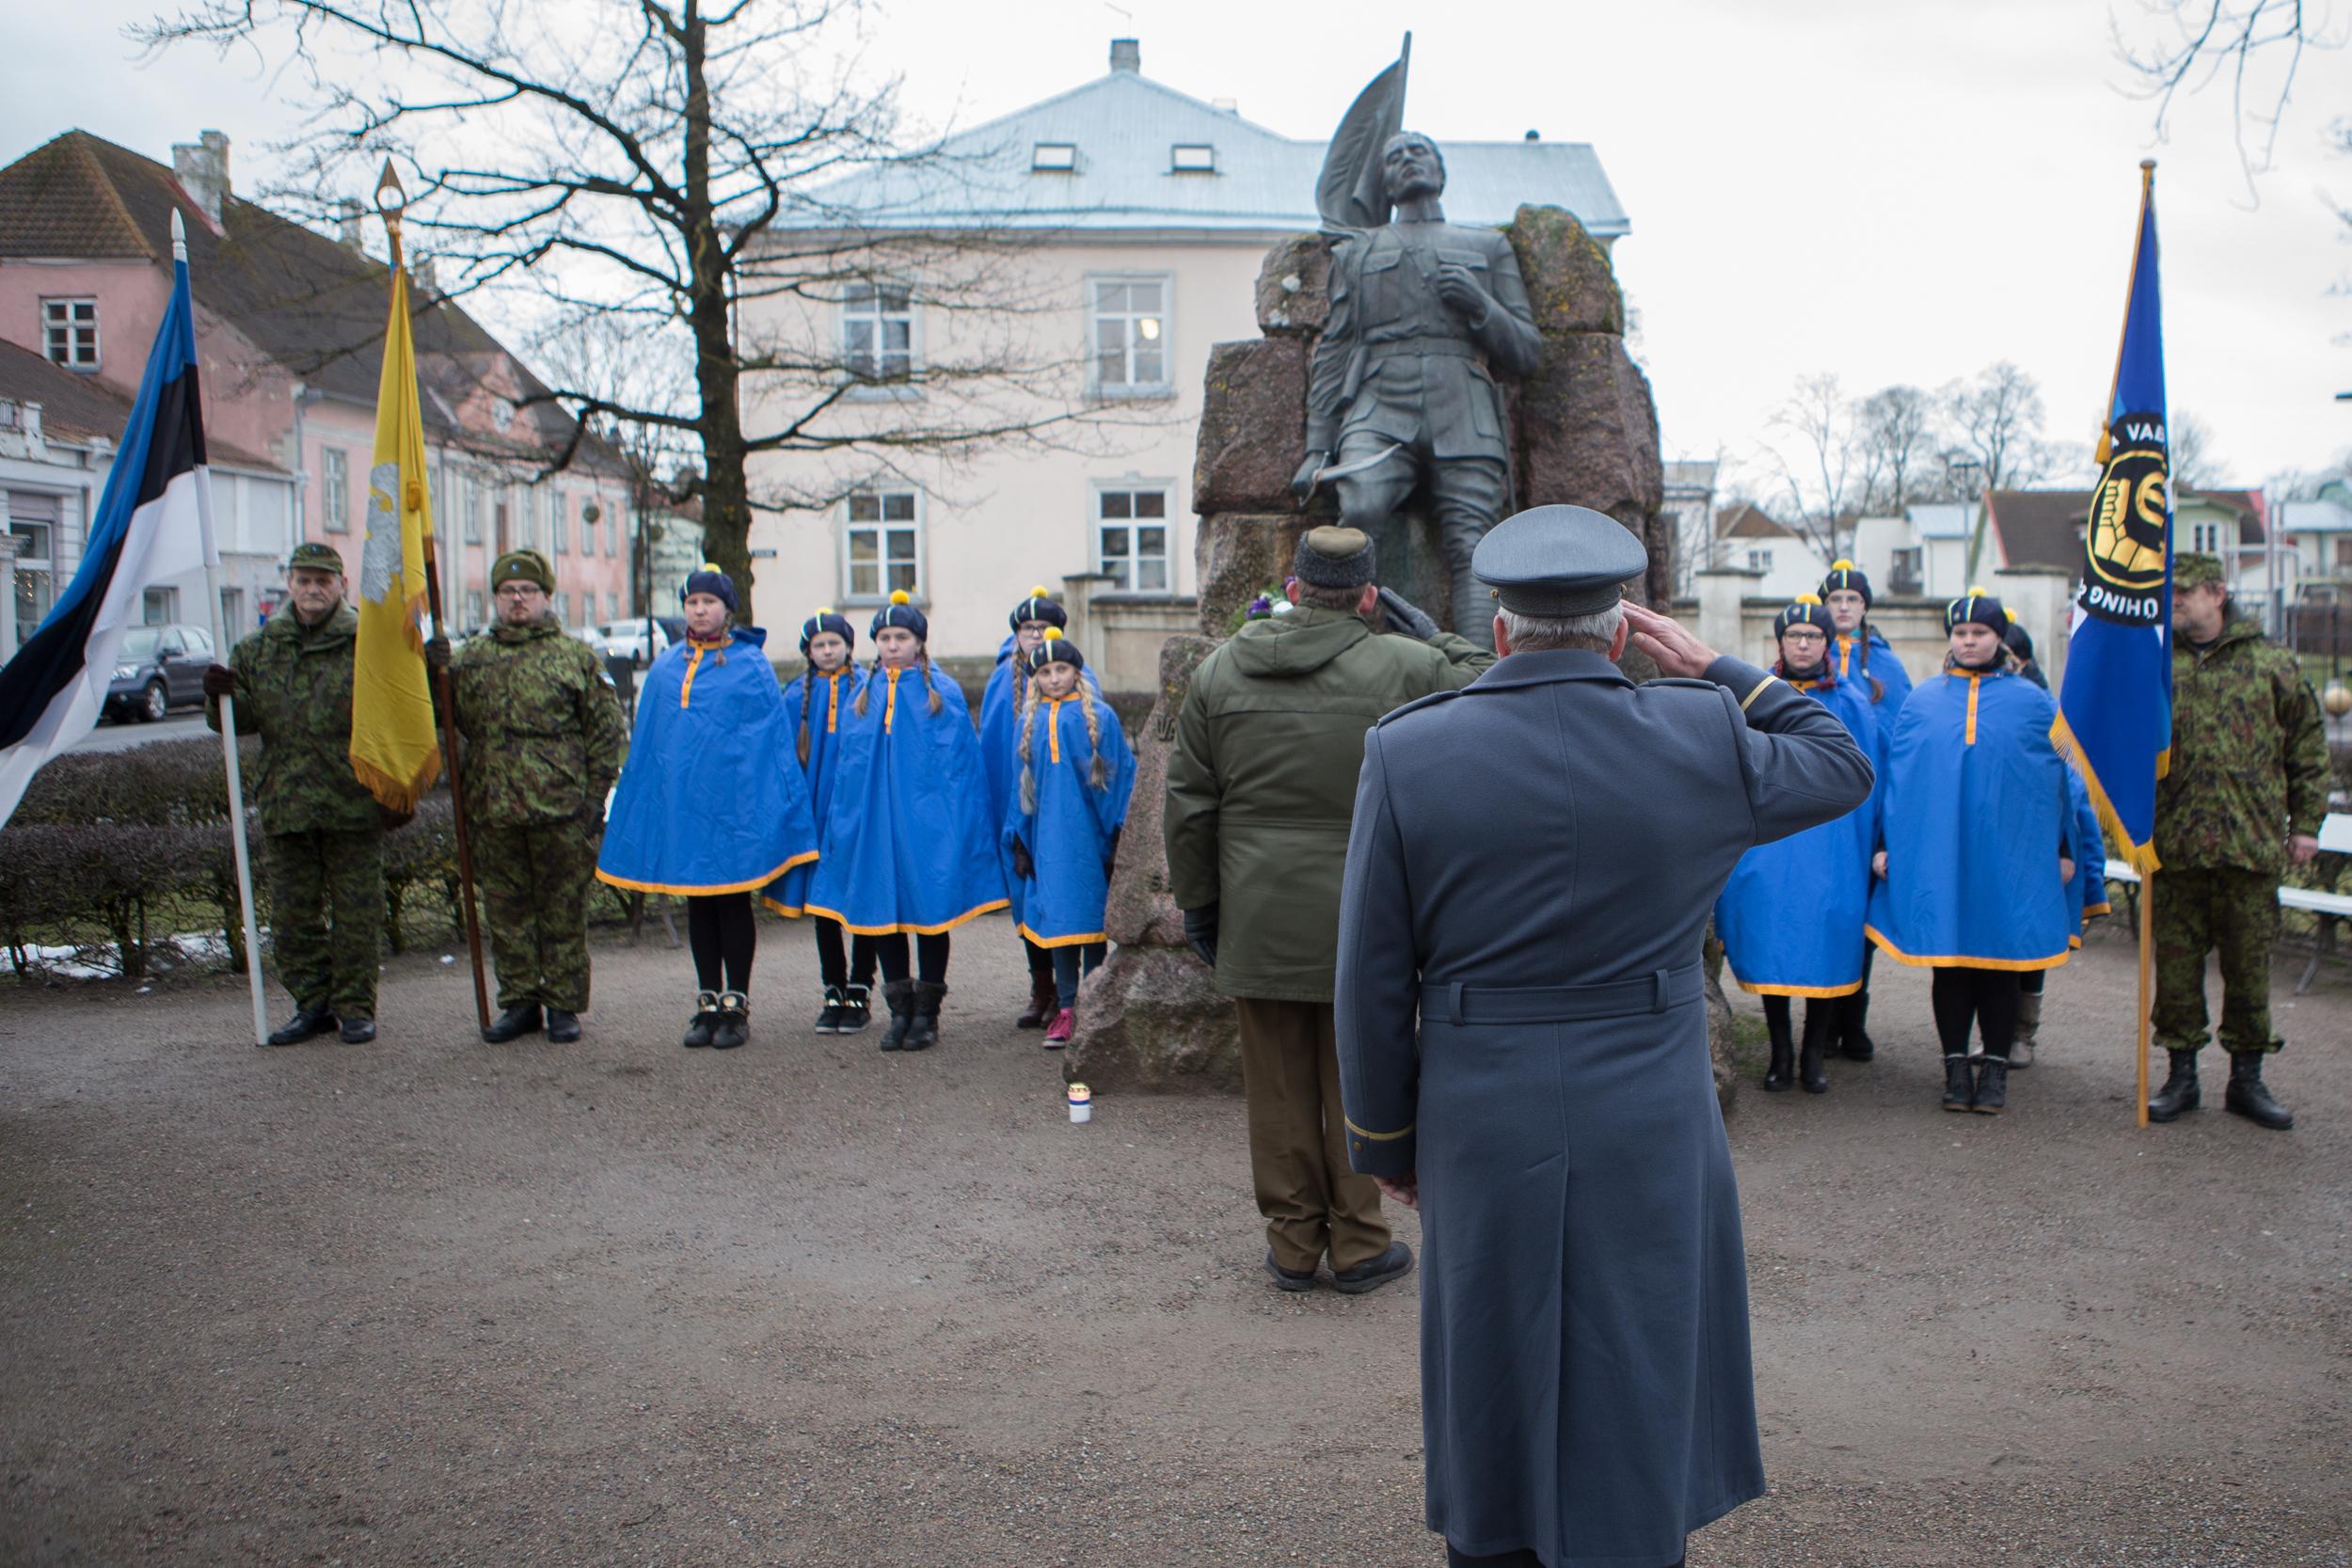 Täna hommikul kogunesid Kaitseliidu Saaremaa maleva, naiskodukaitse ja kodutütarde esindajad Kuressaare kesklinnas asuva vabadussõja mälestusmärgi juurde, et tähistada Vabadussõja lõpetanud Tartu rahu 96. aastapäeva.